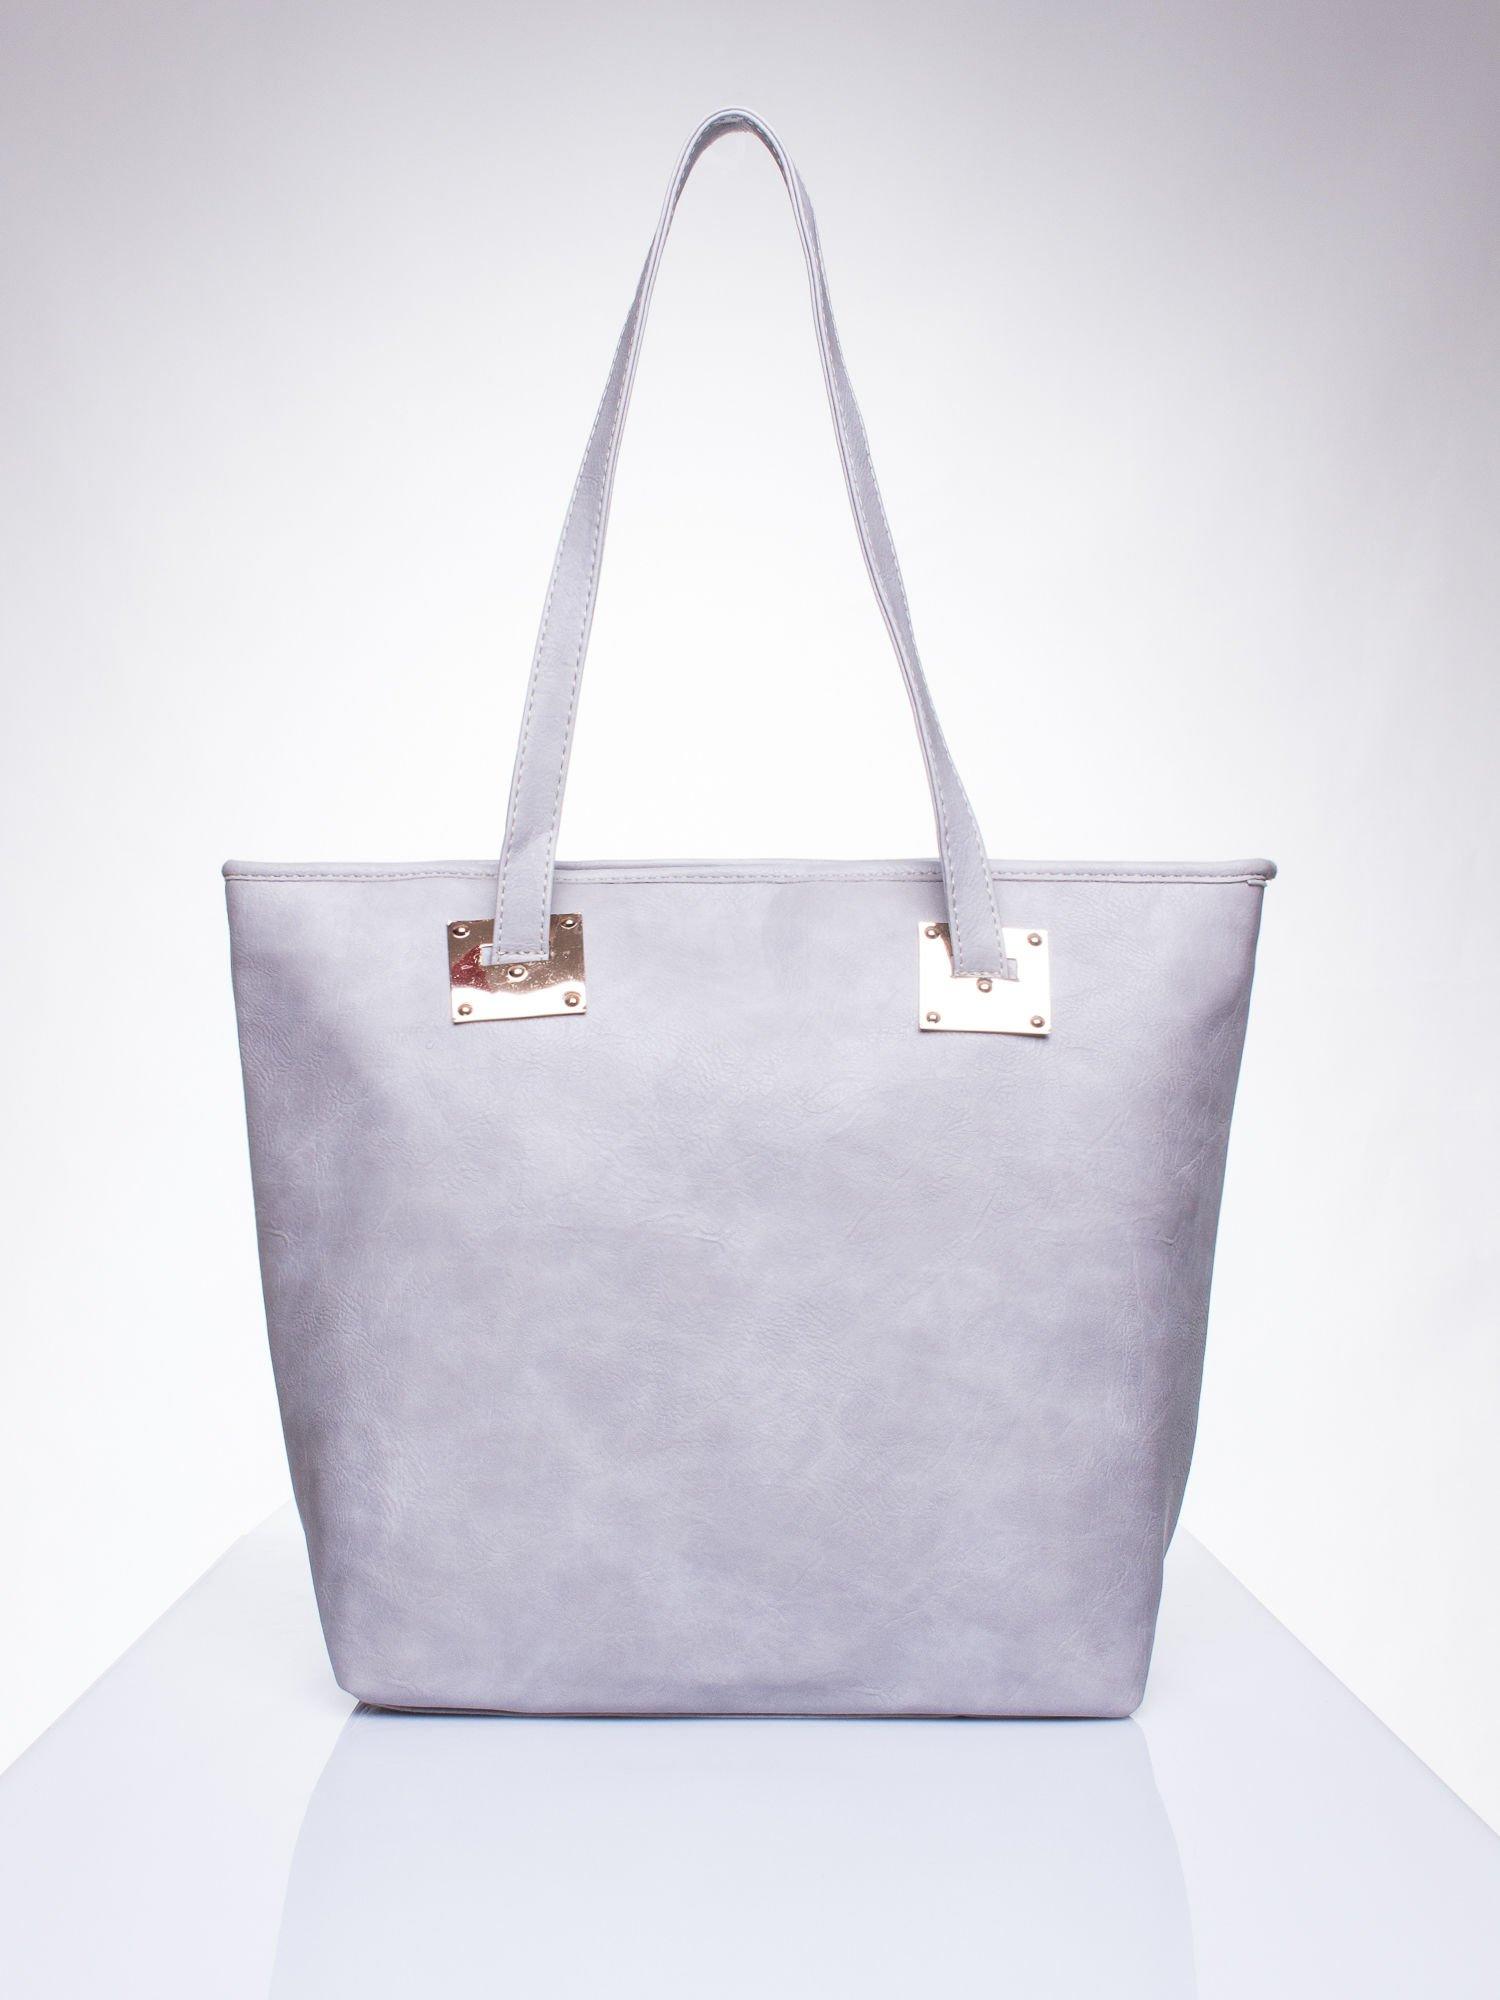 Szara prosta torba shopper bag ze złotymi okuciami                                  zdj.                                  1